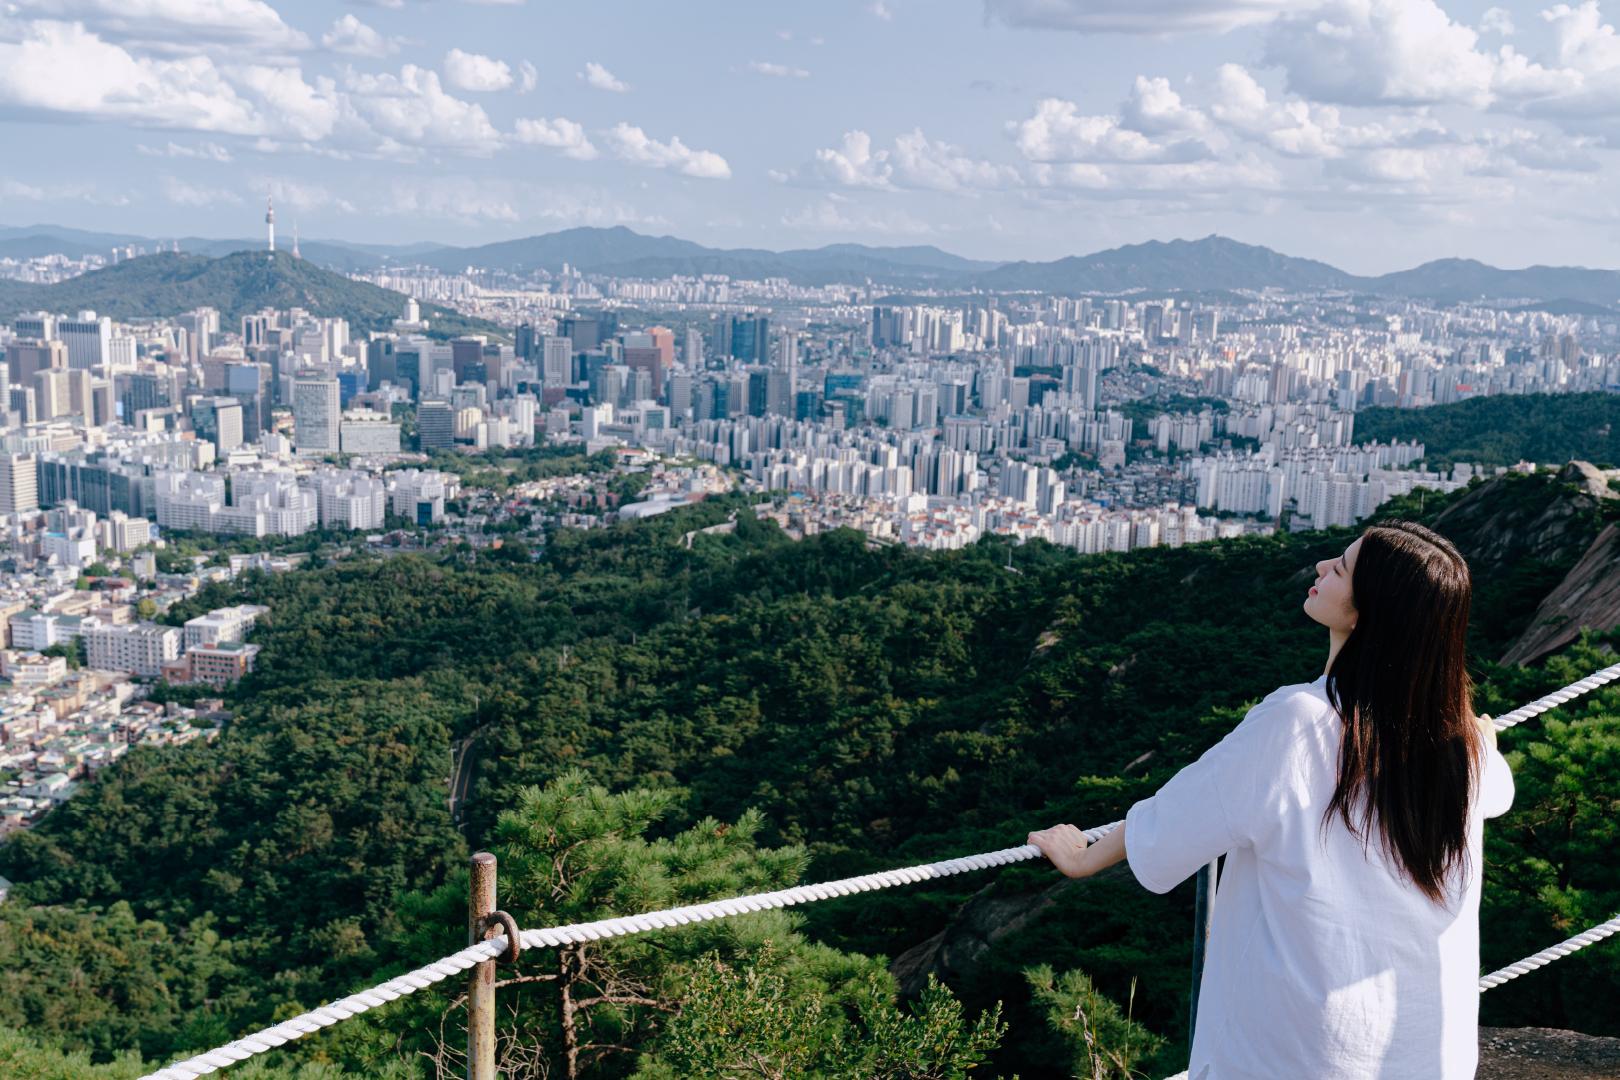 흰색 옷을 입은 여자가 산에서 서울 전망을 보고 있다.